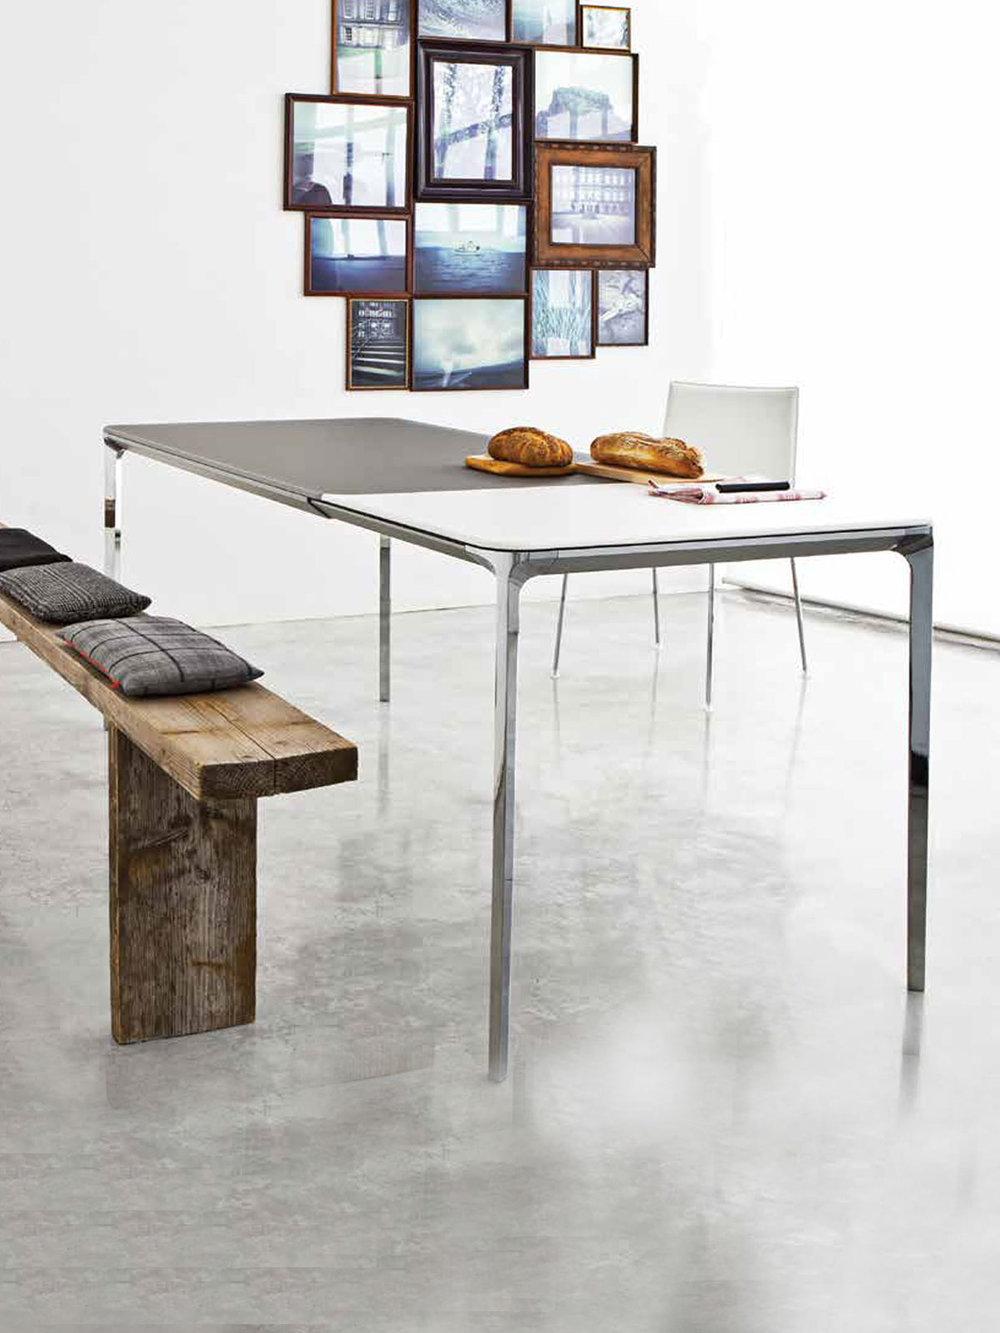 Glass-dining-table-Slim-10-Extending-sovet-italia-4.jpg